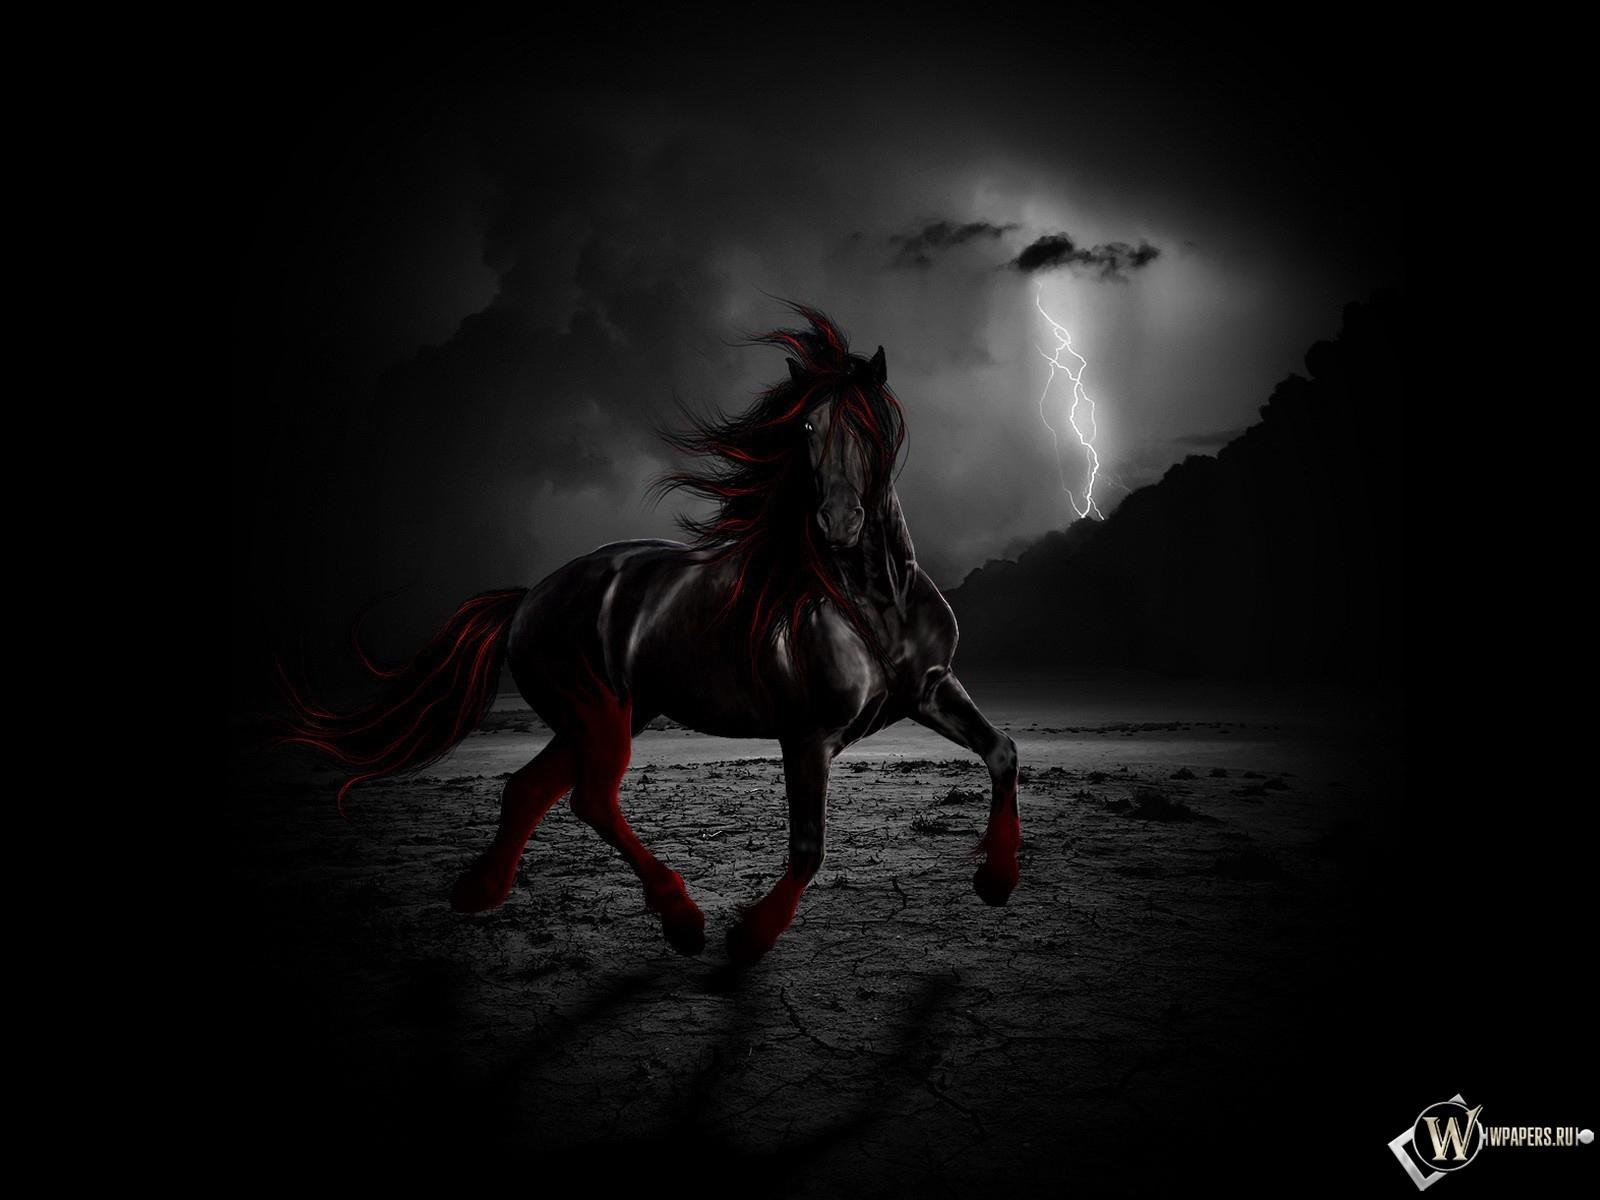 Черный конь ночью 1600x1200